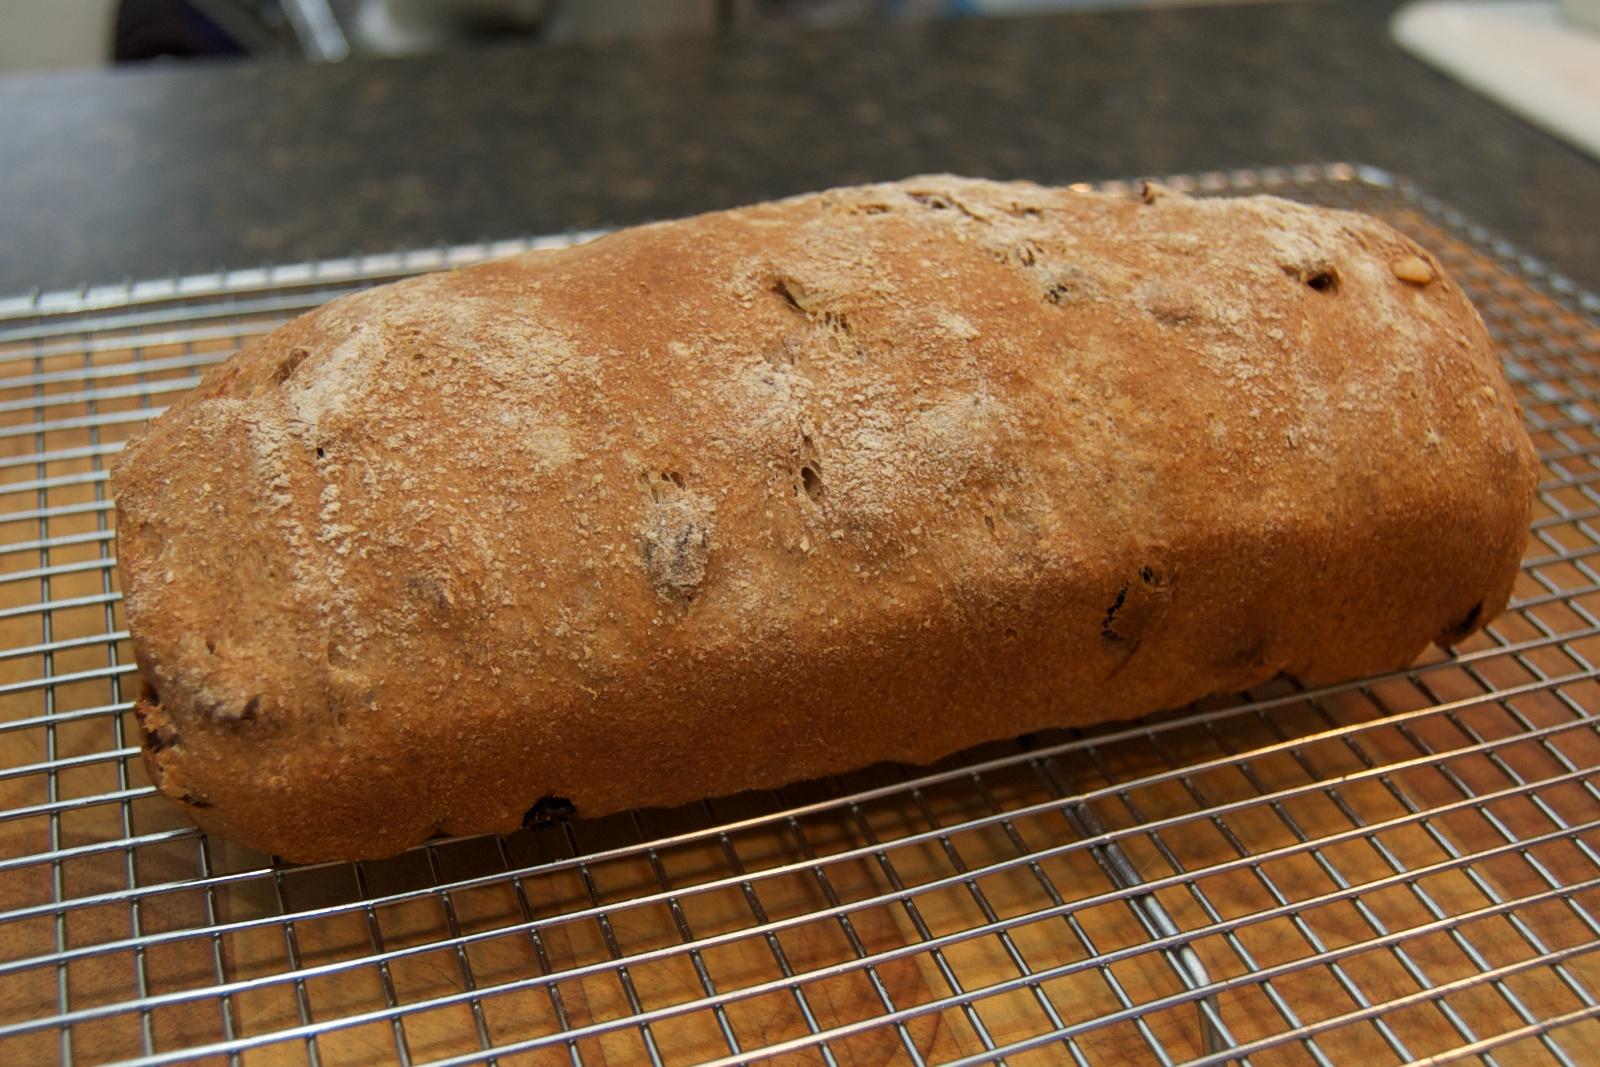 http://blog.rickk.com/food/2011/03/13/raisinbread2.jpg